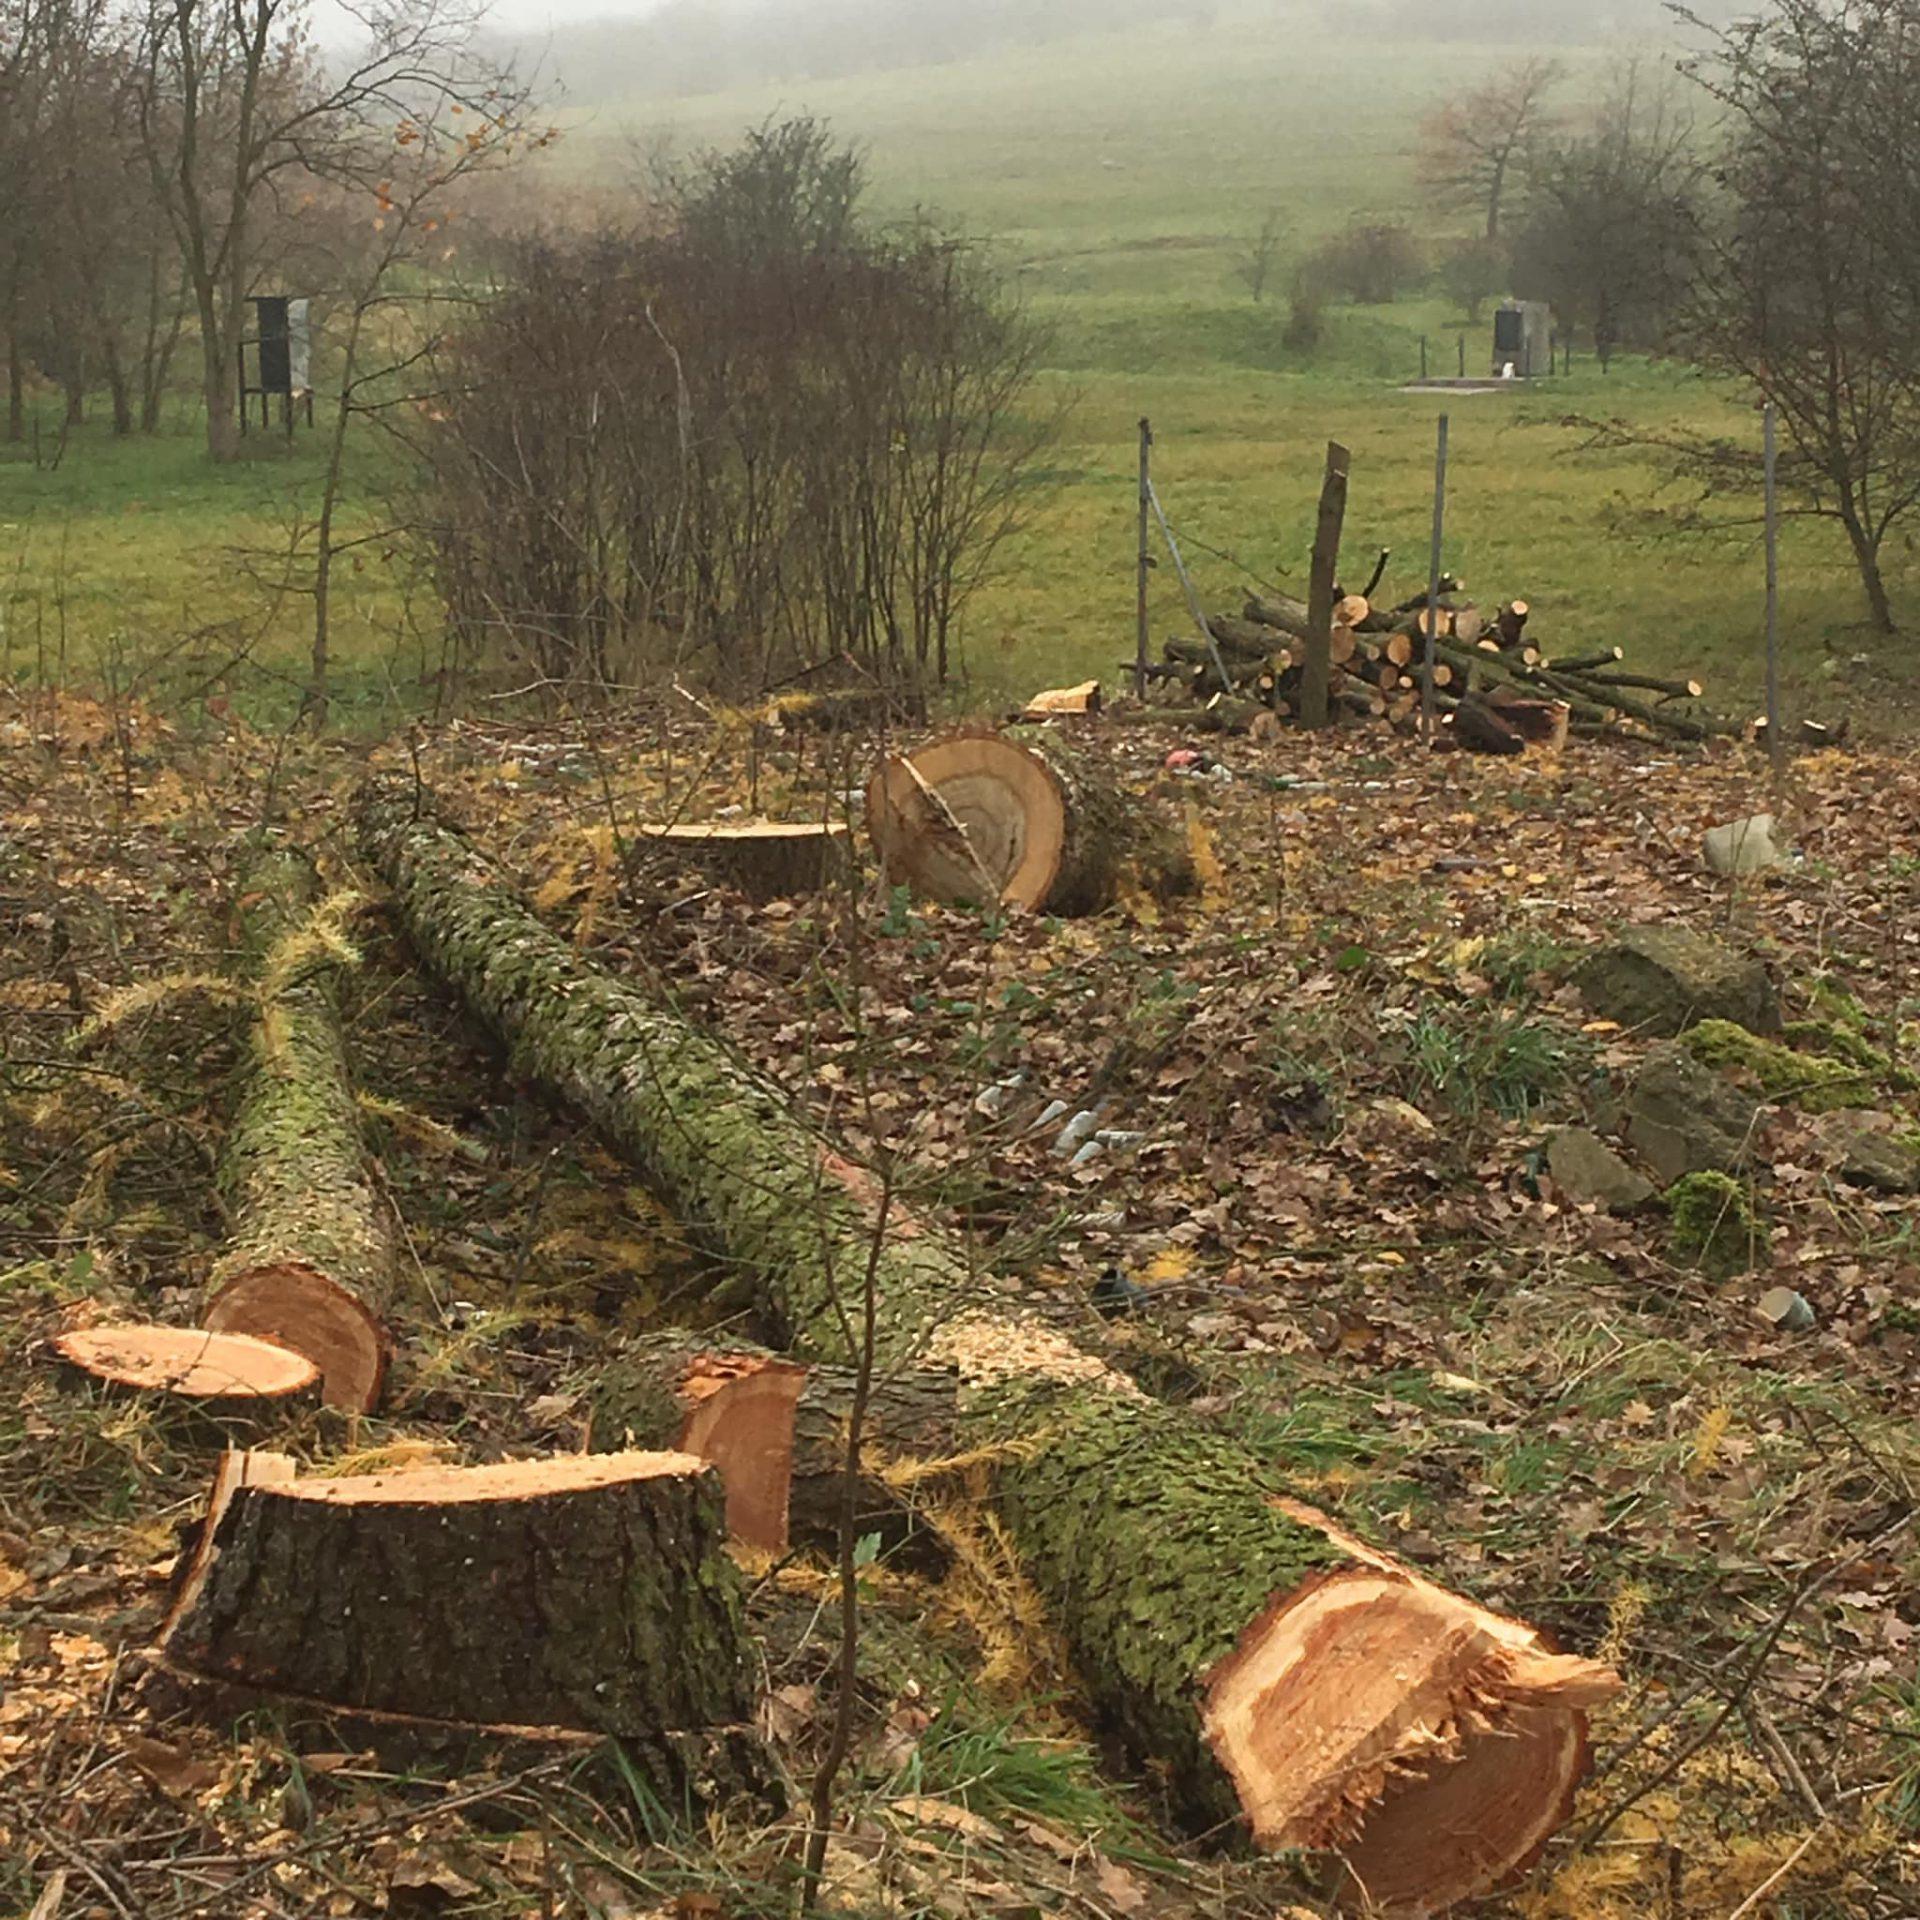 Wycinka drzew na wspomnianej działce, do której doszło po zmianie planu. Fot. Stop Ogradzaniu Krzemionek.